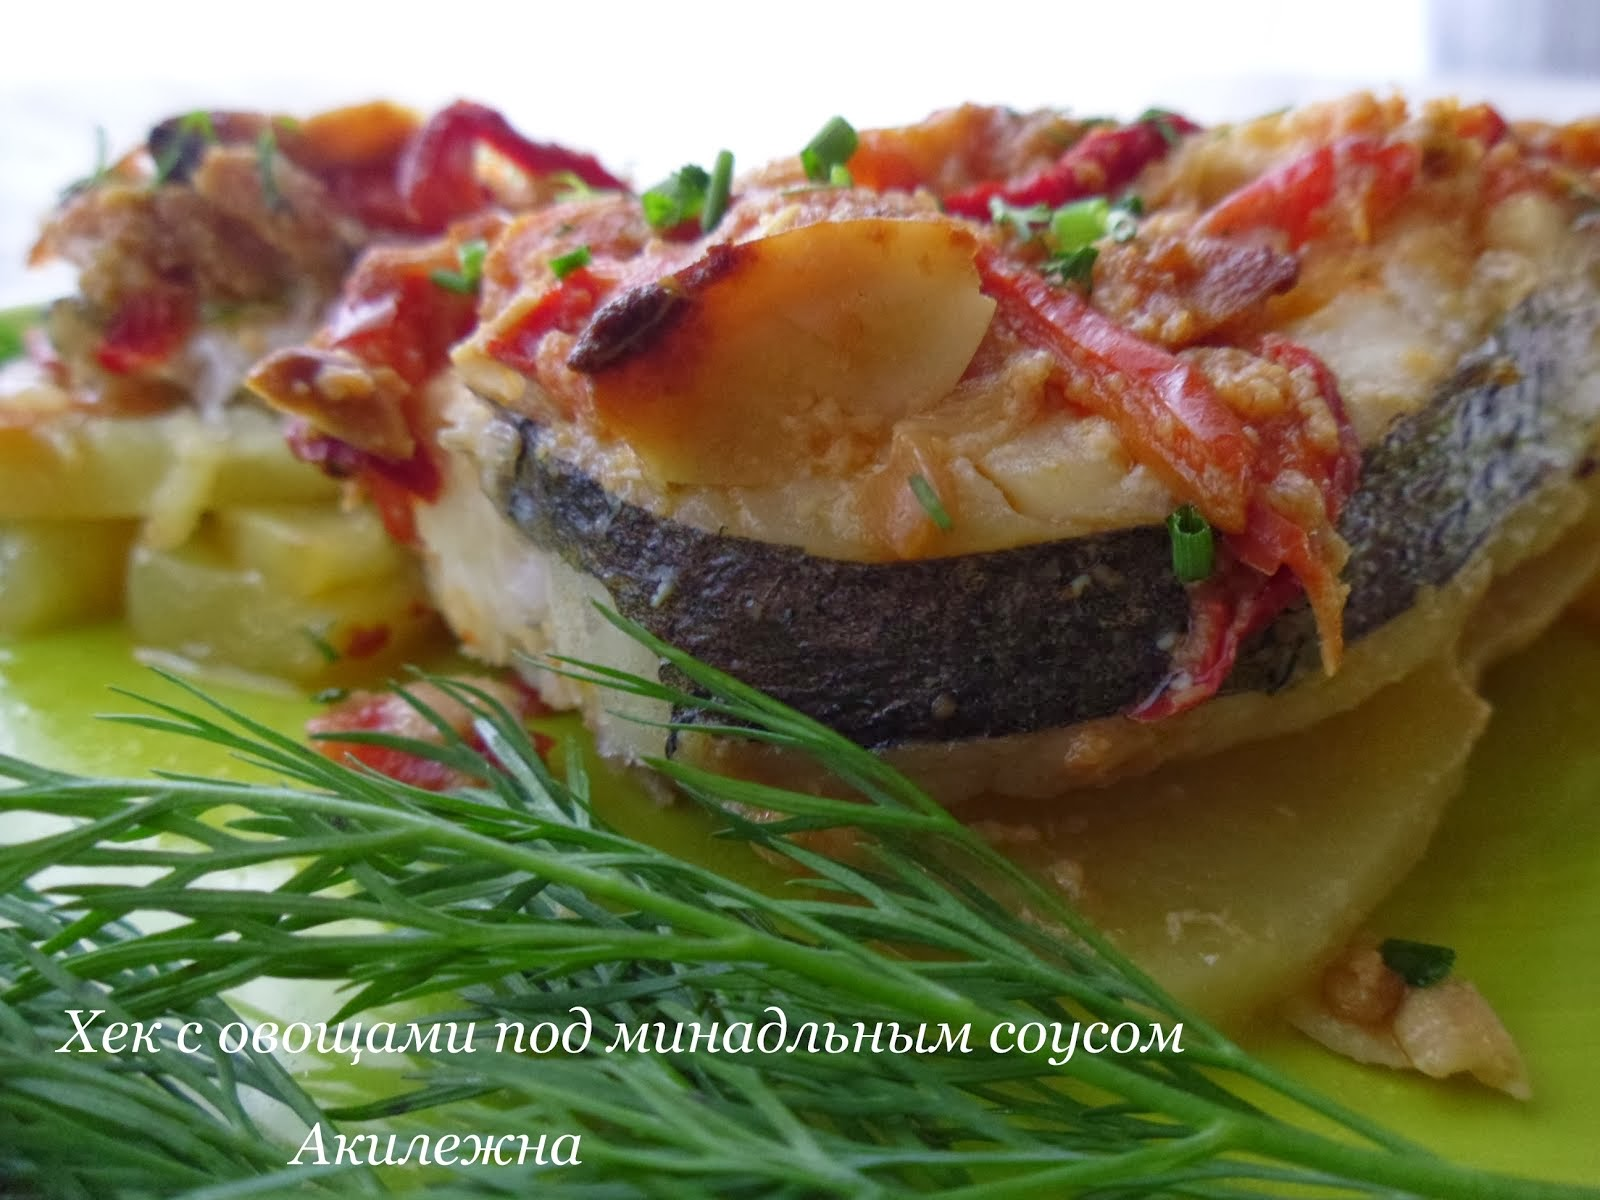 Хек с овощами под миндальным соусом